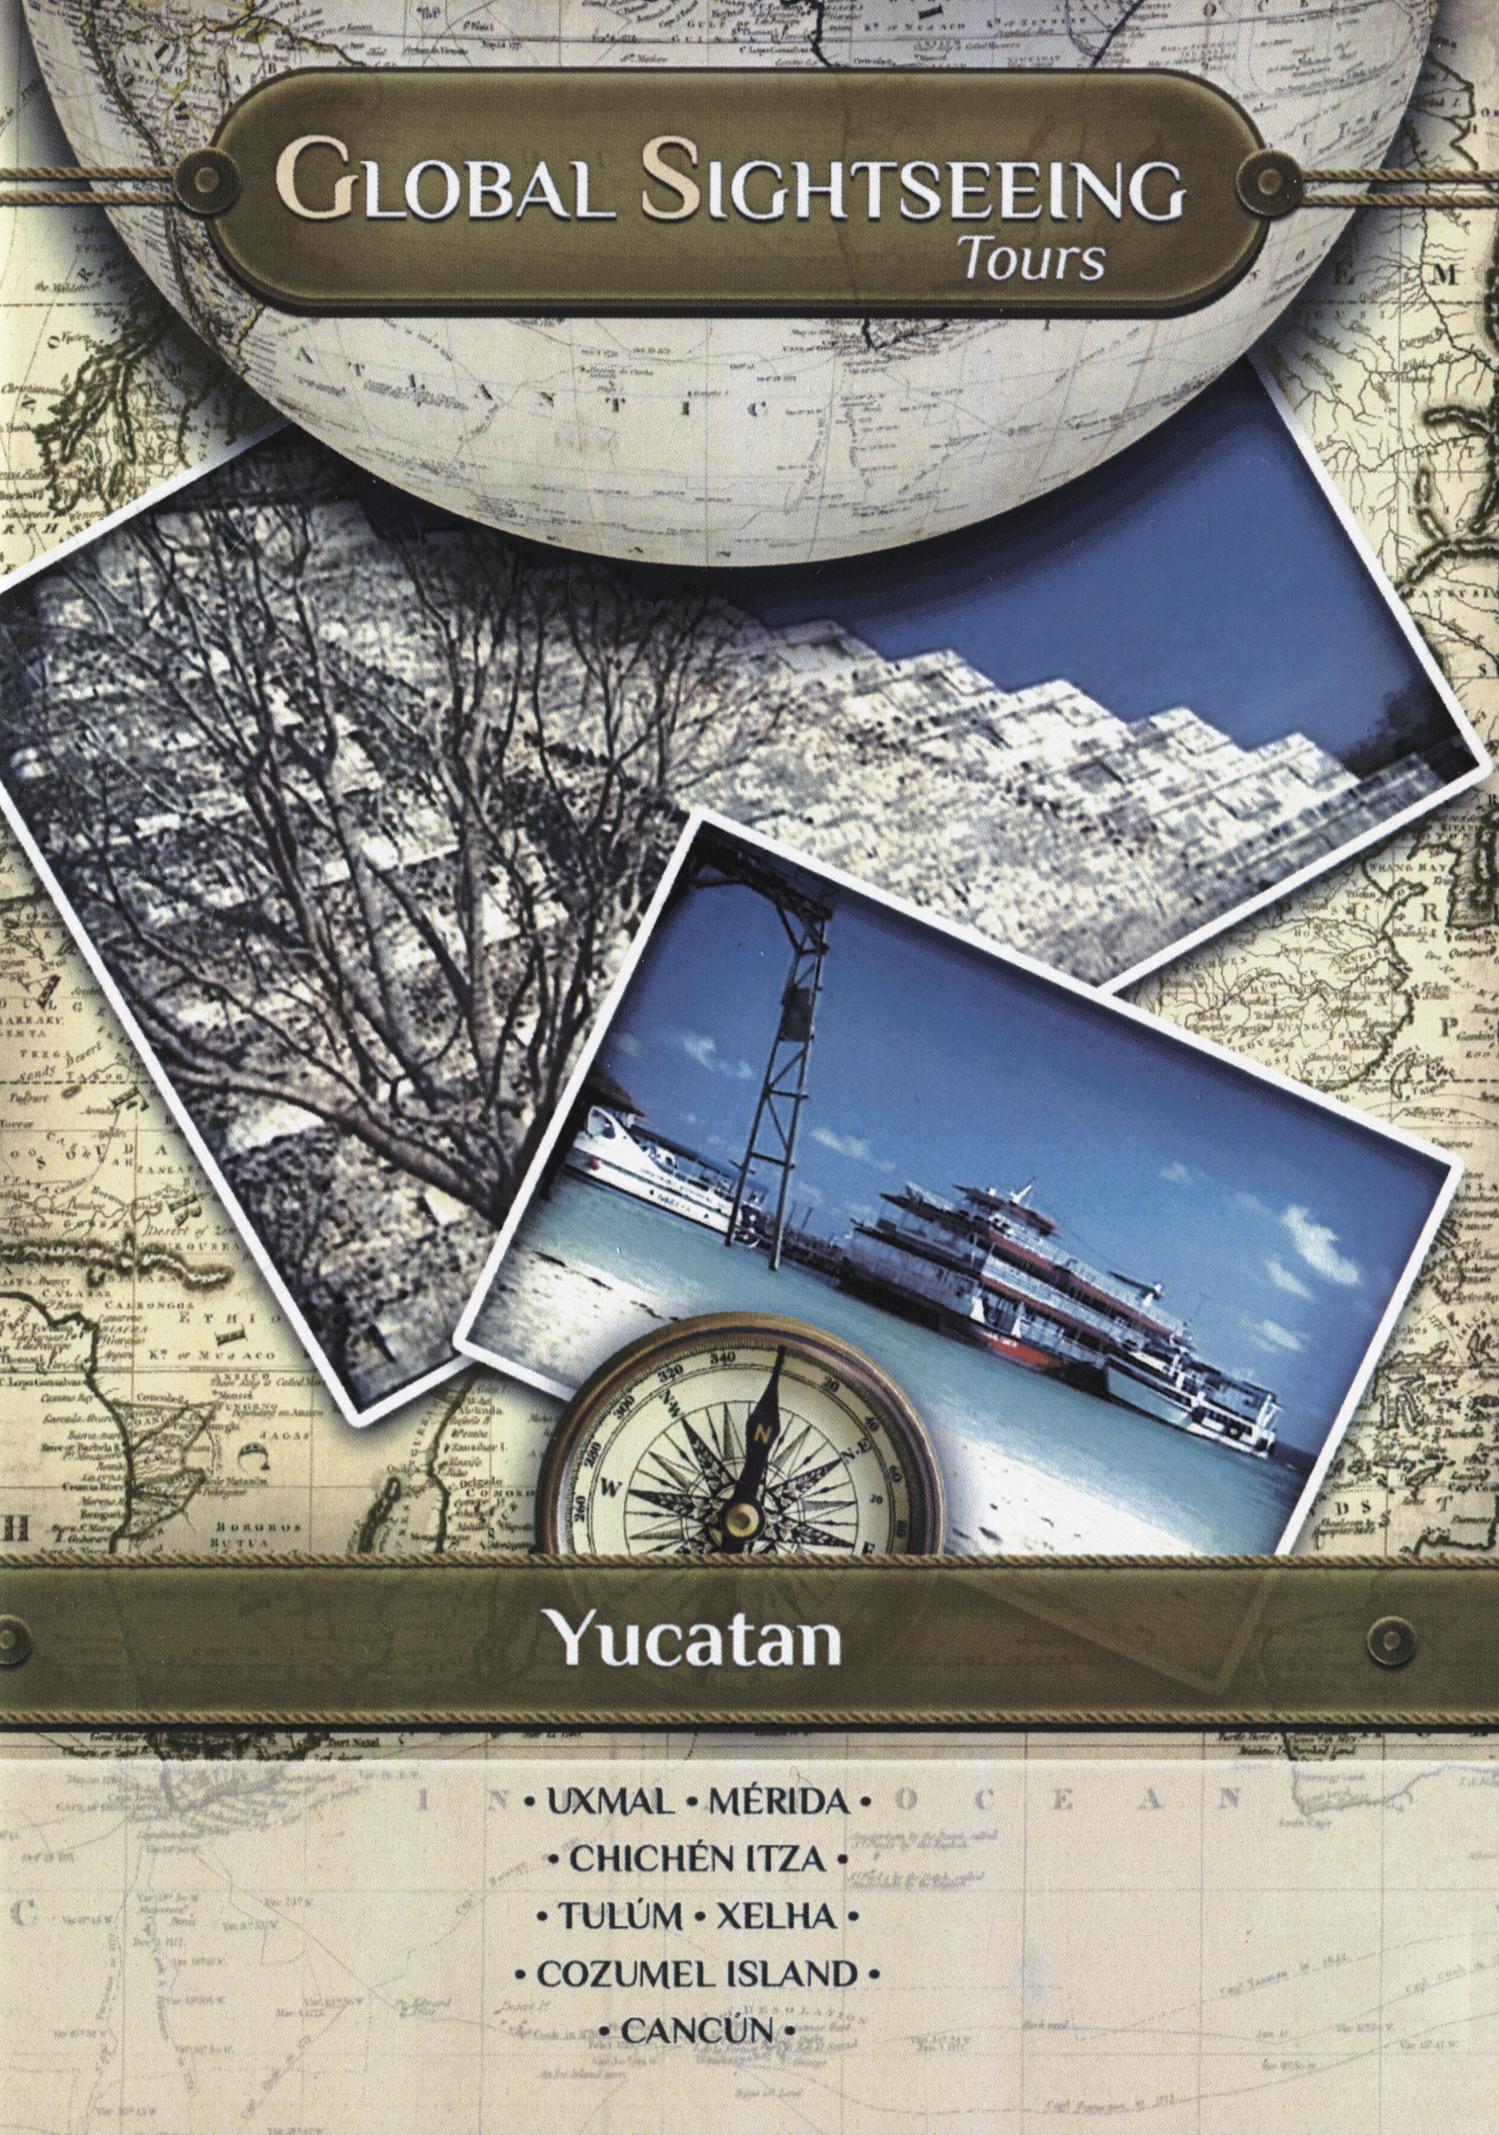 Global Sightseeing Tours: Yucatan